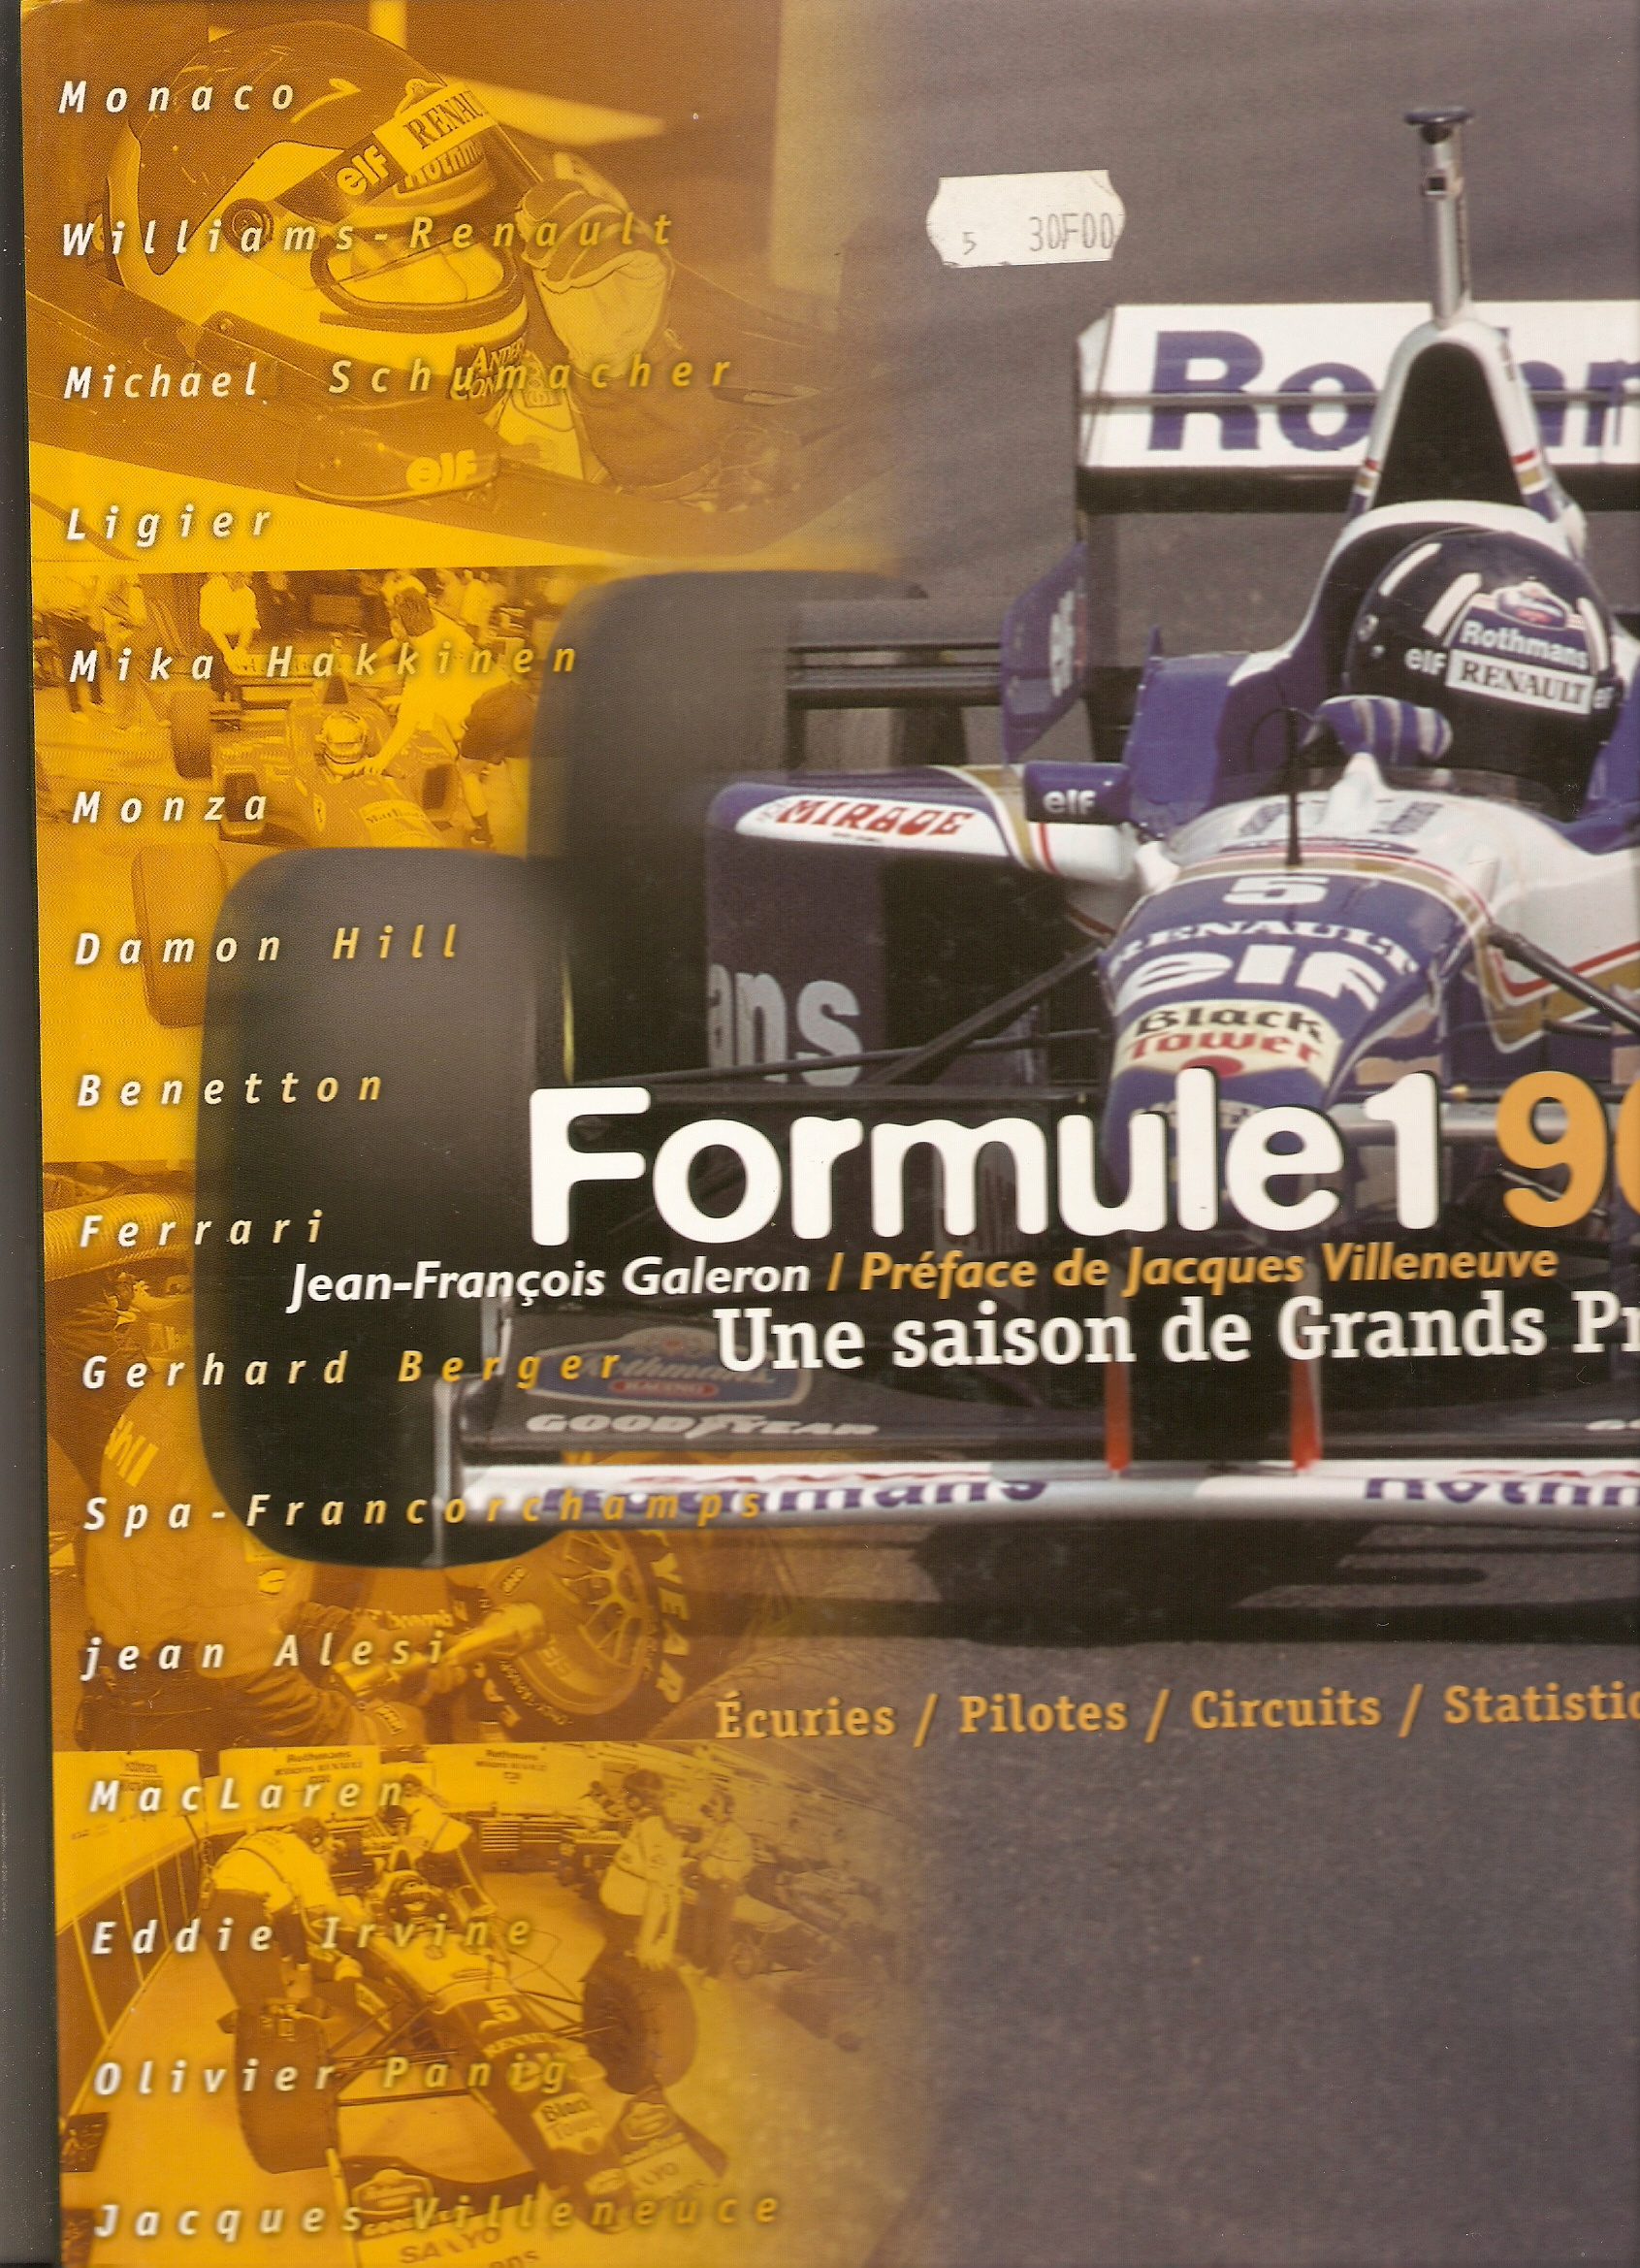 Formule 1 1996: une saison de Grands Prix